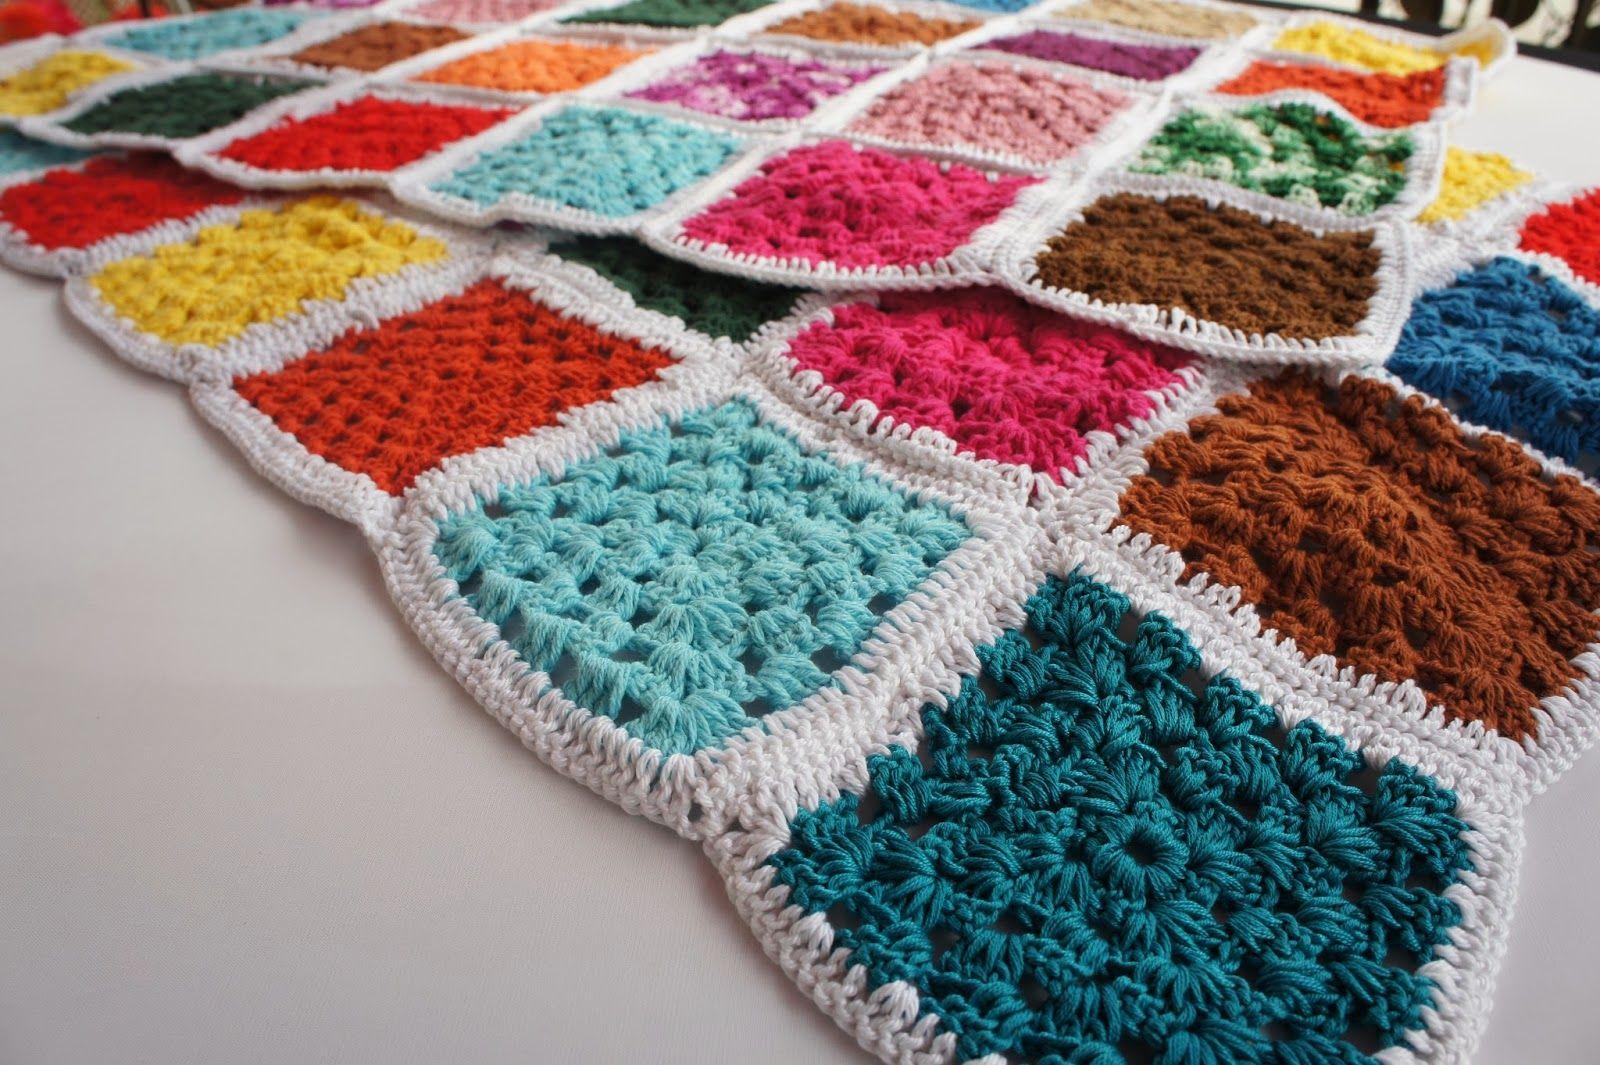 النسيج اليدوي الكروشيه قصتي مع الكروشيه Crochet Blanket Blanket Crochet